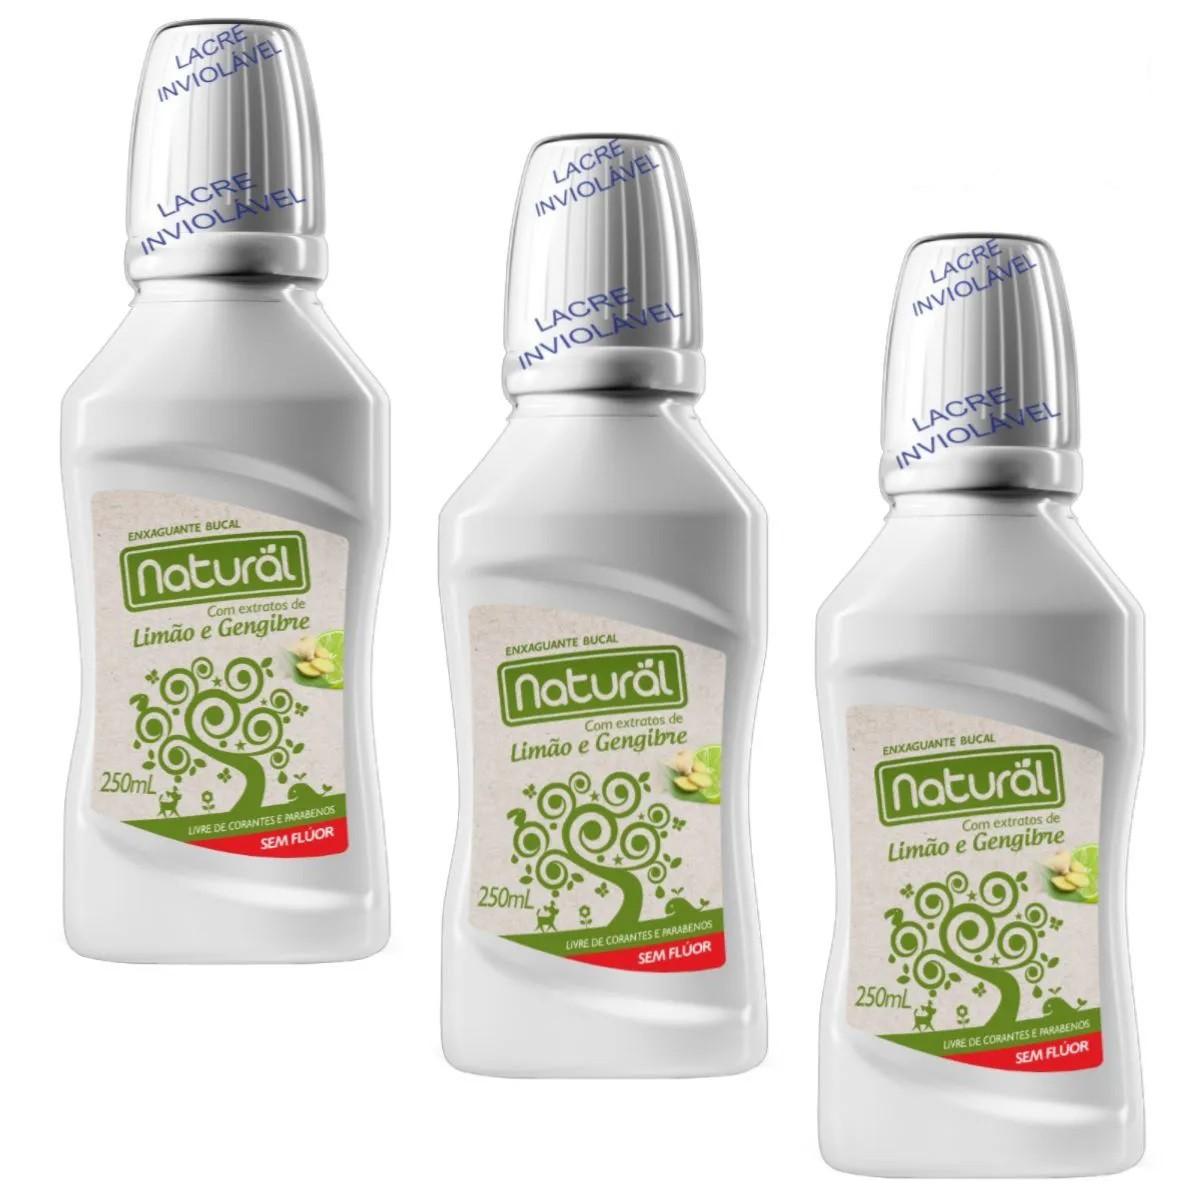 Kit 3 Enxaguante Bucal Suavetex Natural C/ Extratos de Limão e Gengibre - 250ml